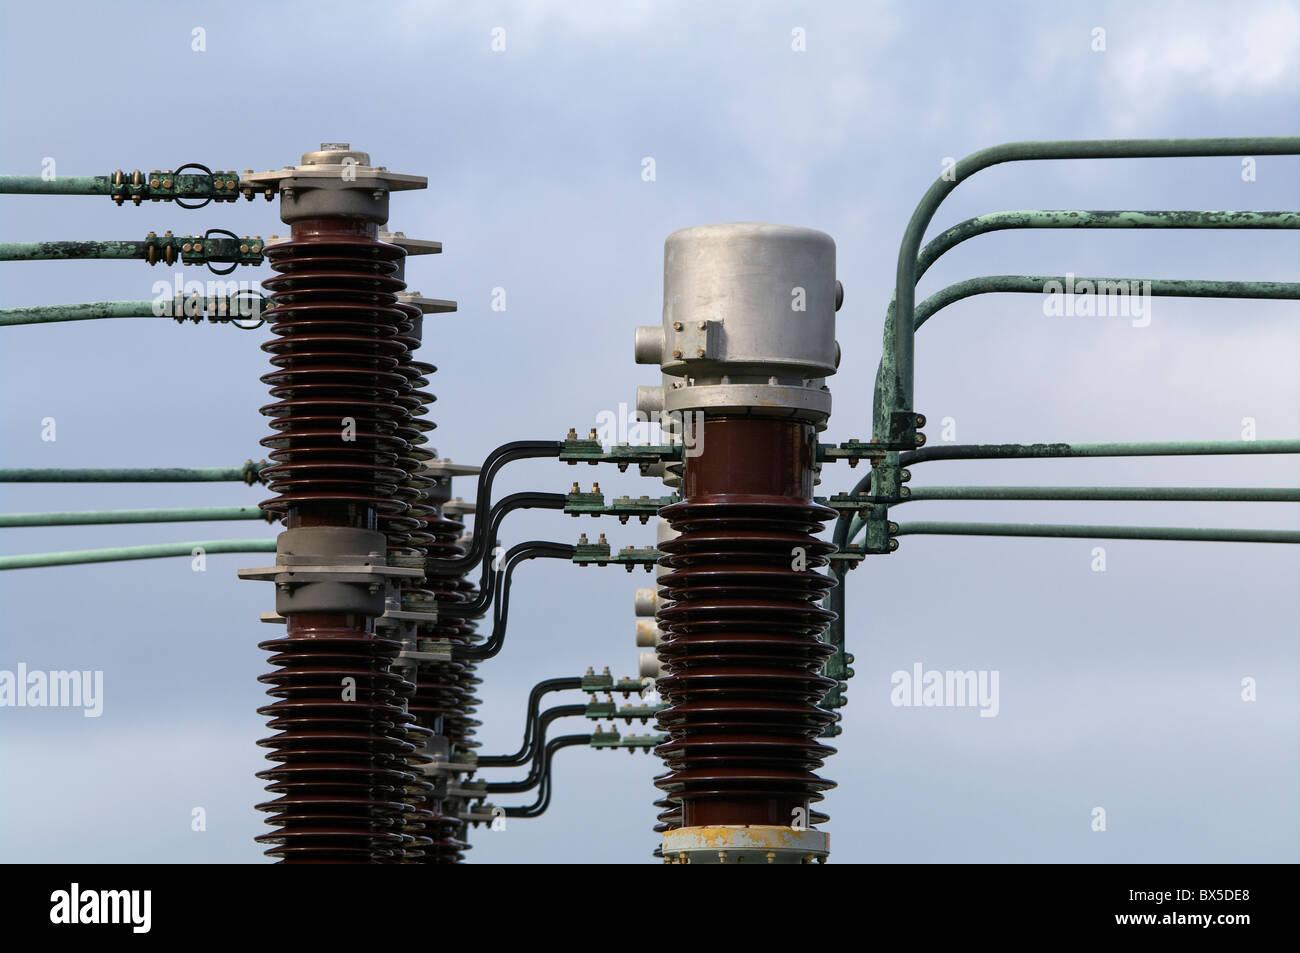 Pris dans l'installation d'un système géothermique dans les Açores Photo Stock